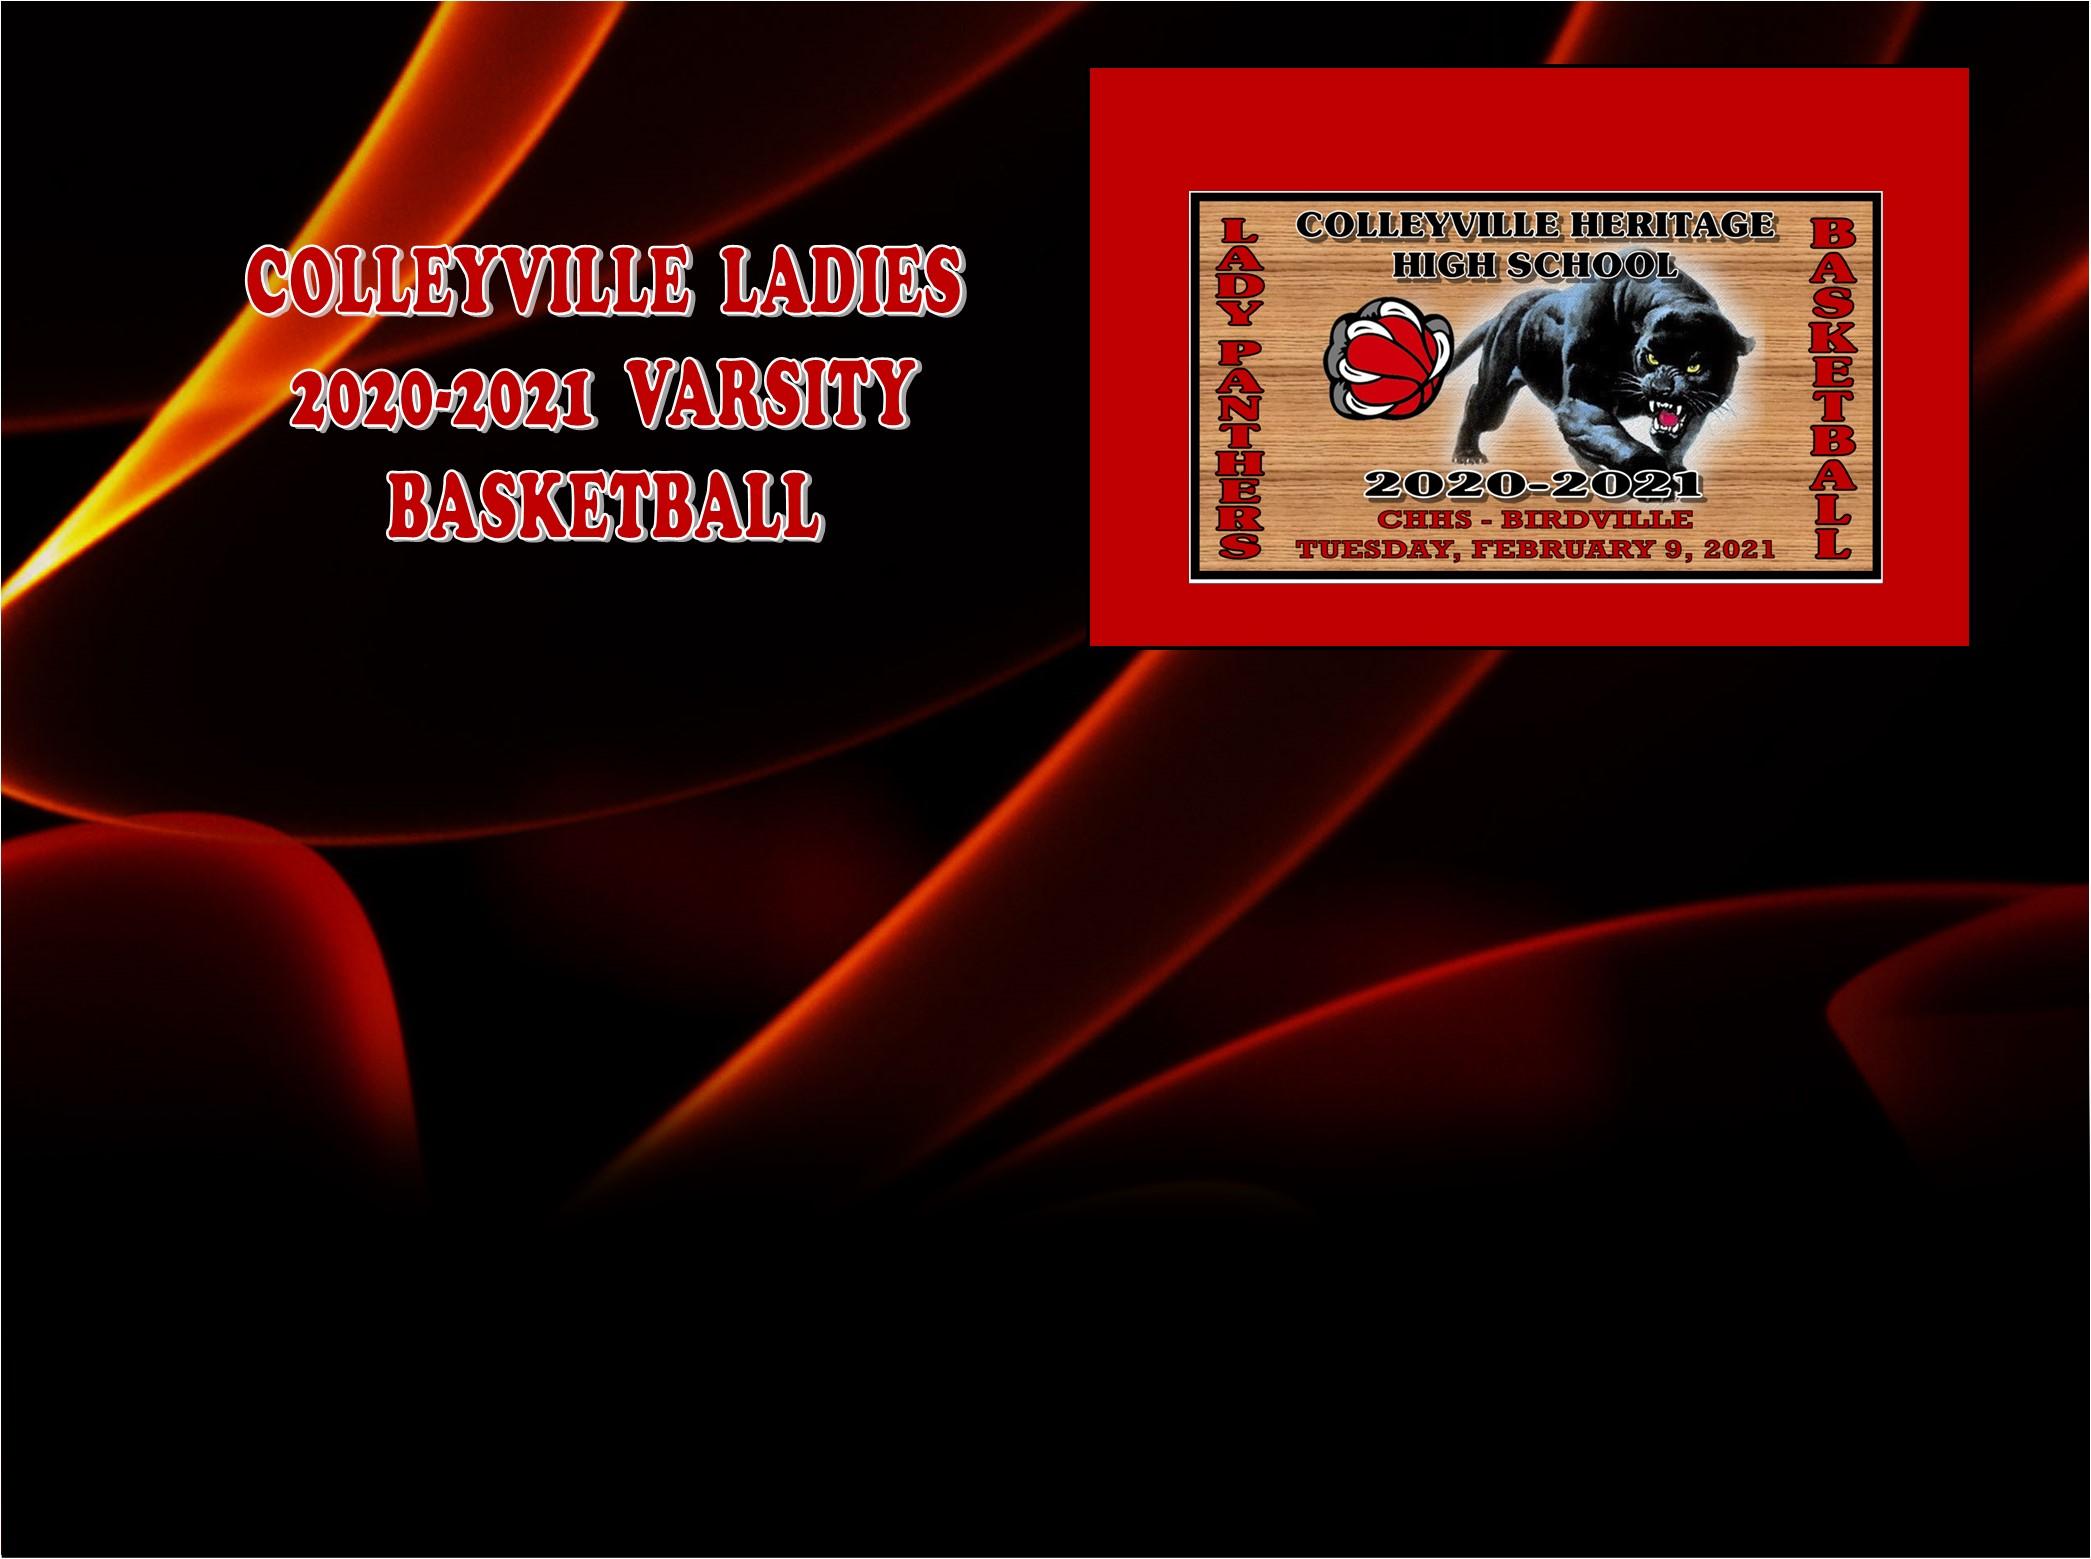 GCISD Ladies Basketball: Colleyville Panthers Defeat The Birdville Hawks 58-29